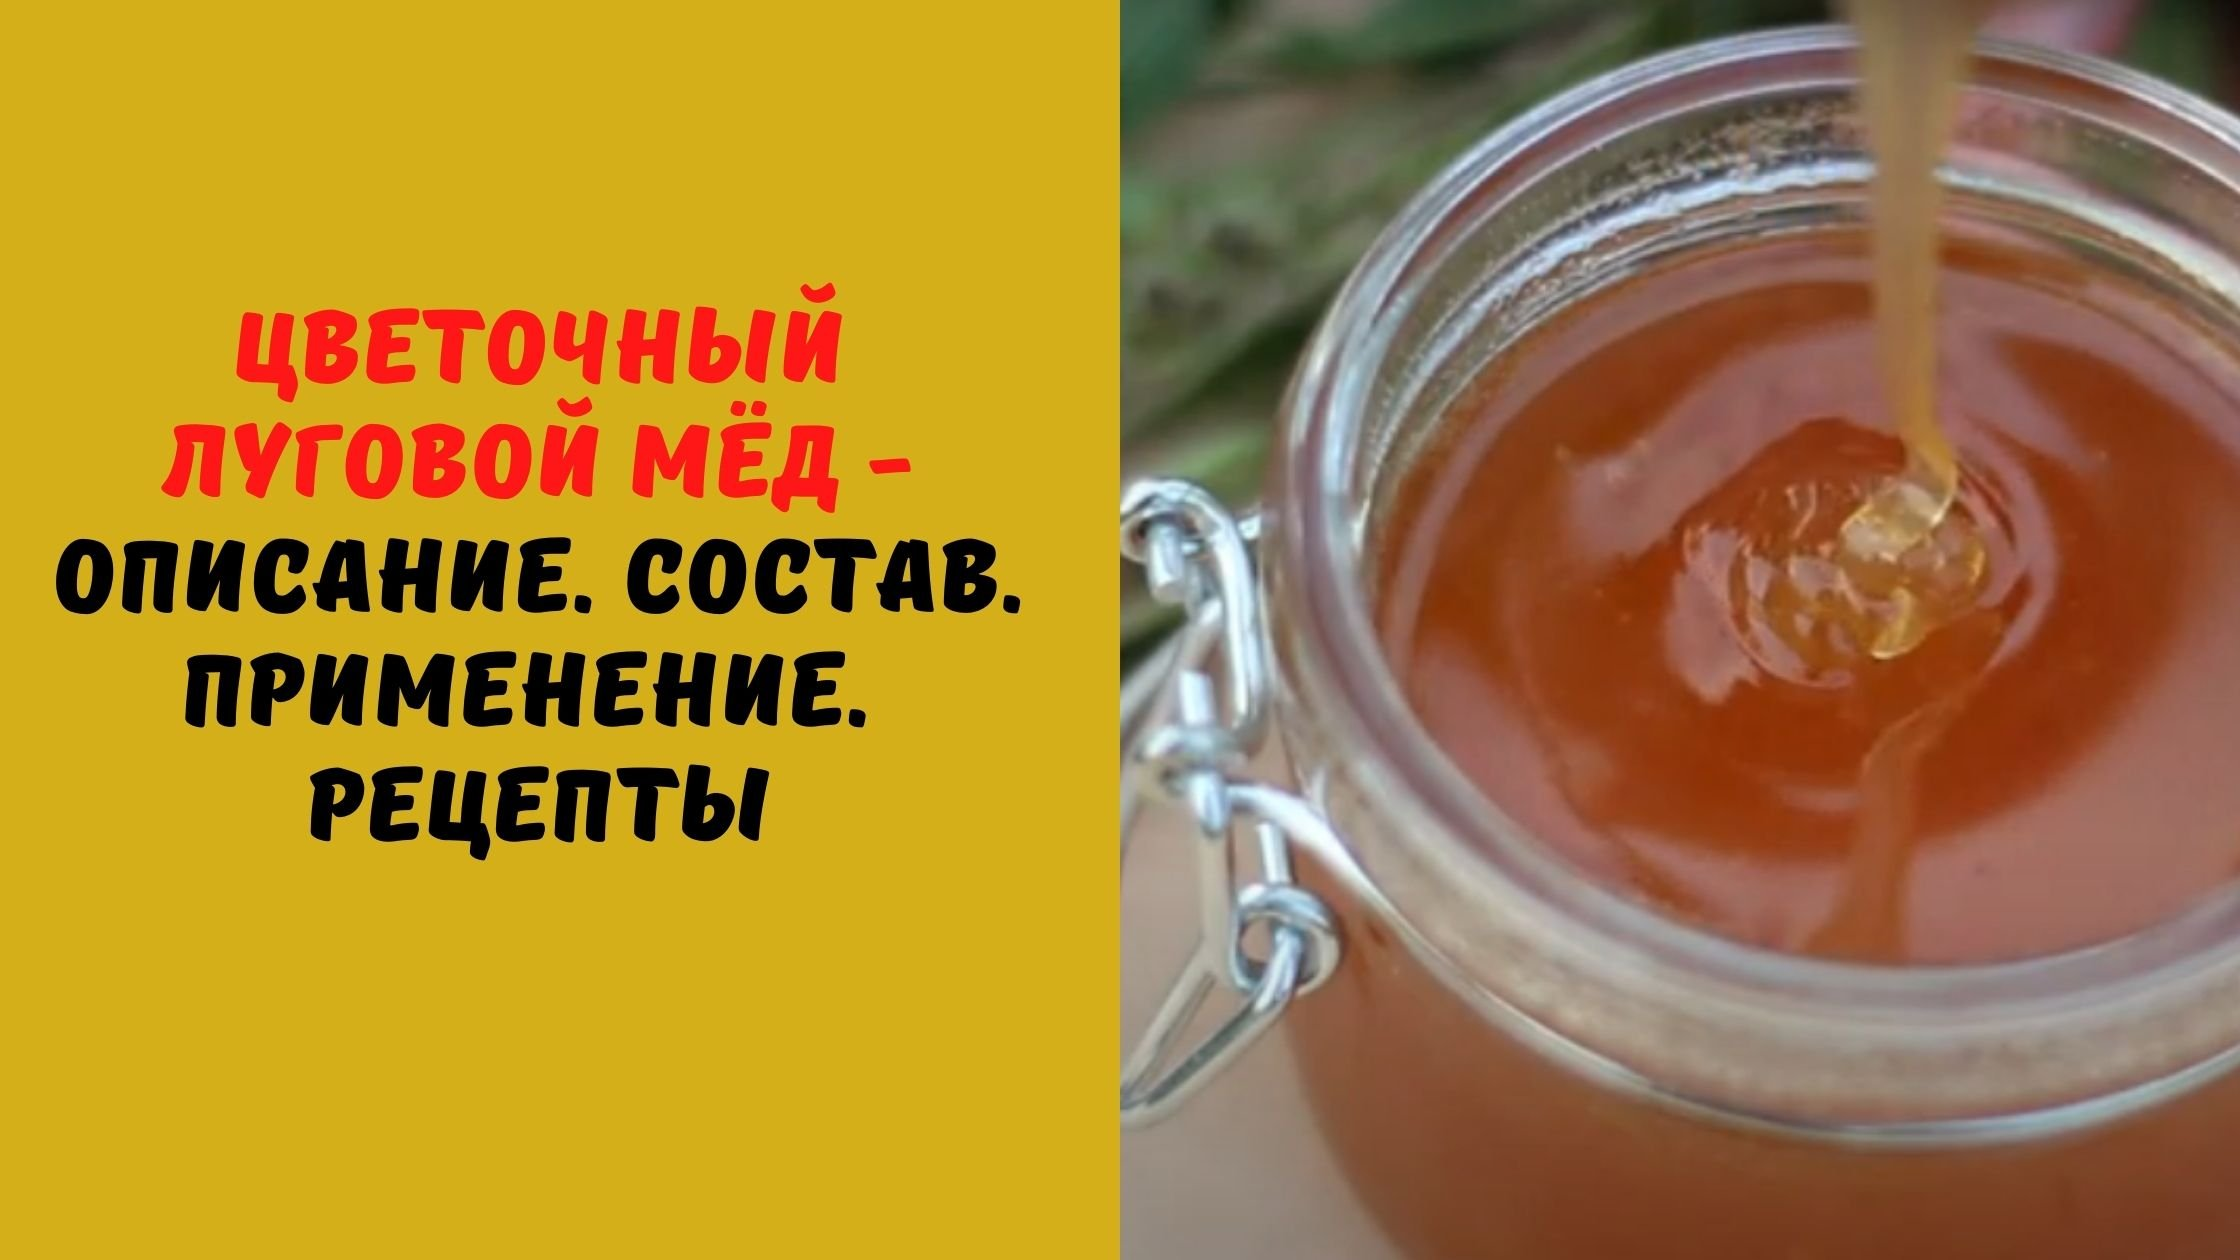 Цветочный луговой мёд - Описание. Состав. Применение.  Рецепты